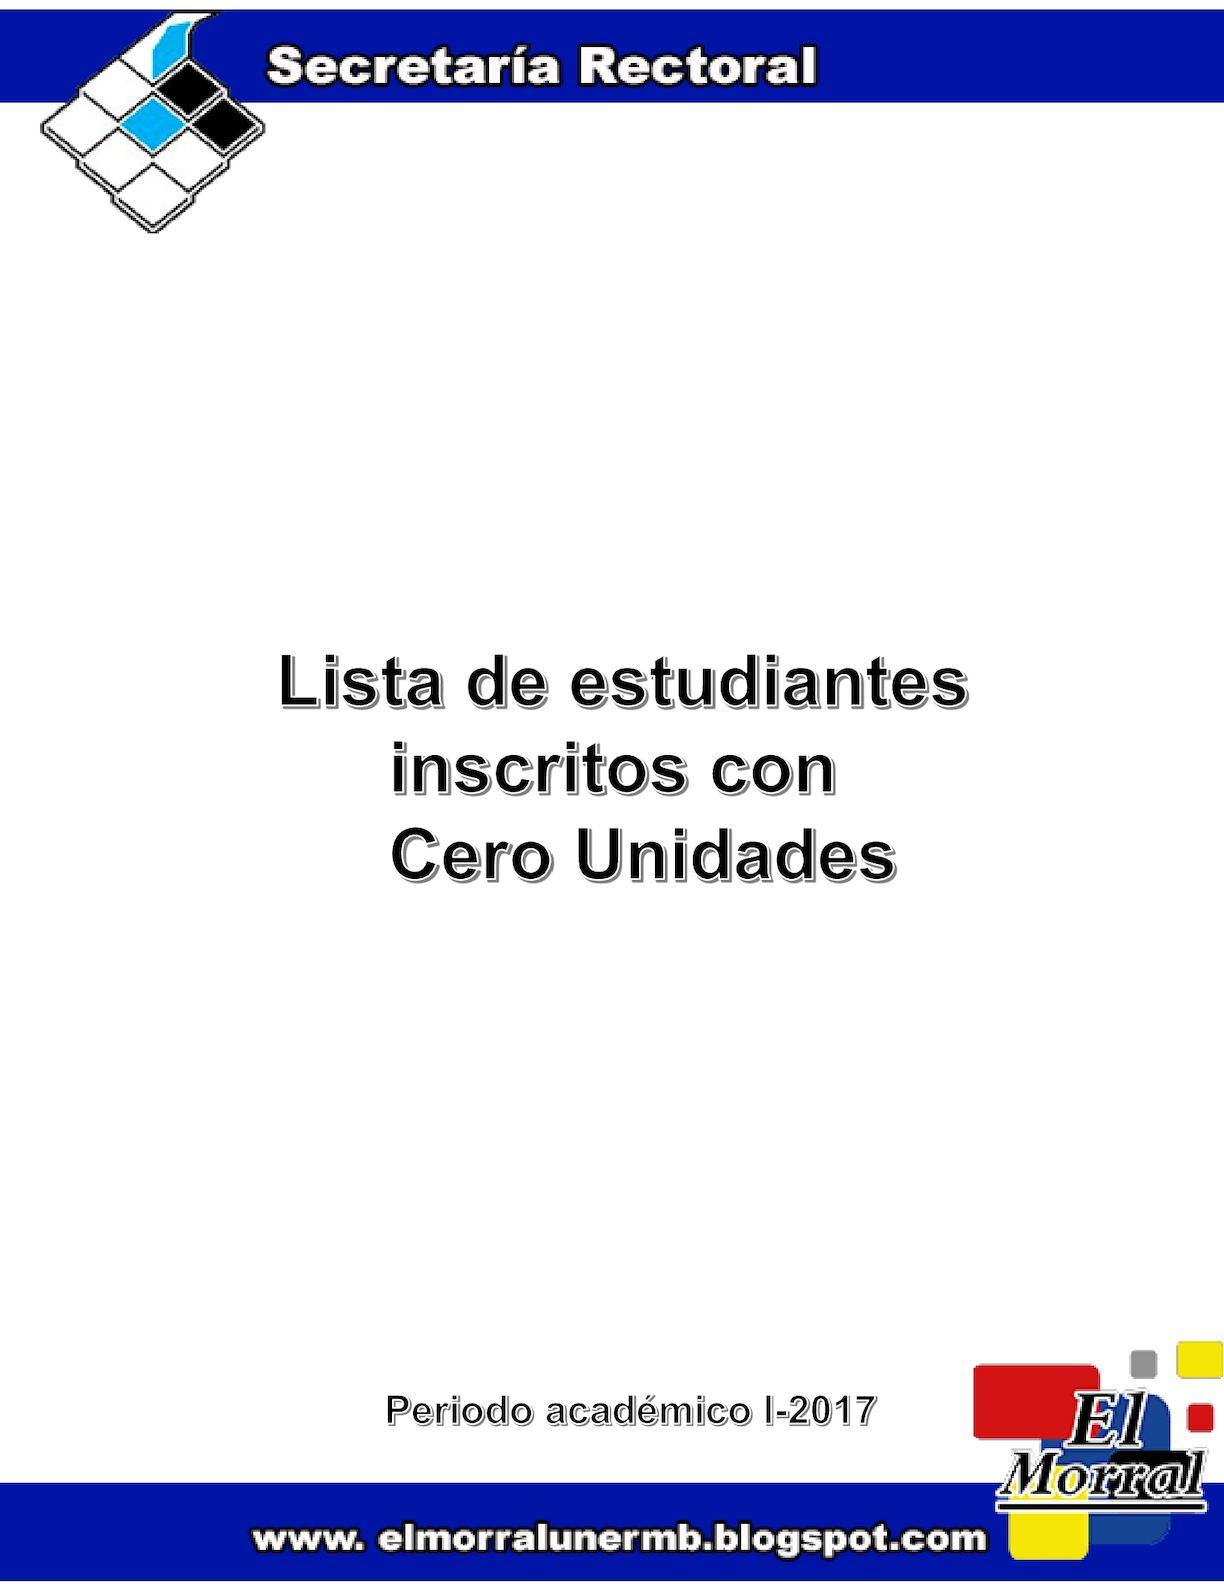 Lista Cero Unidades I- 2017